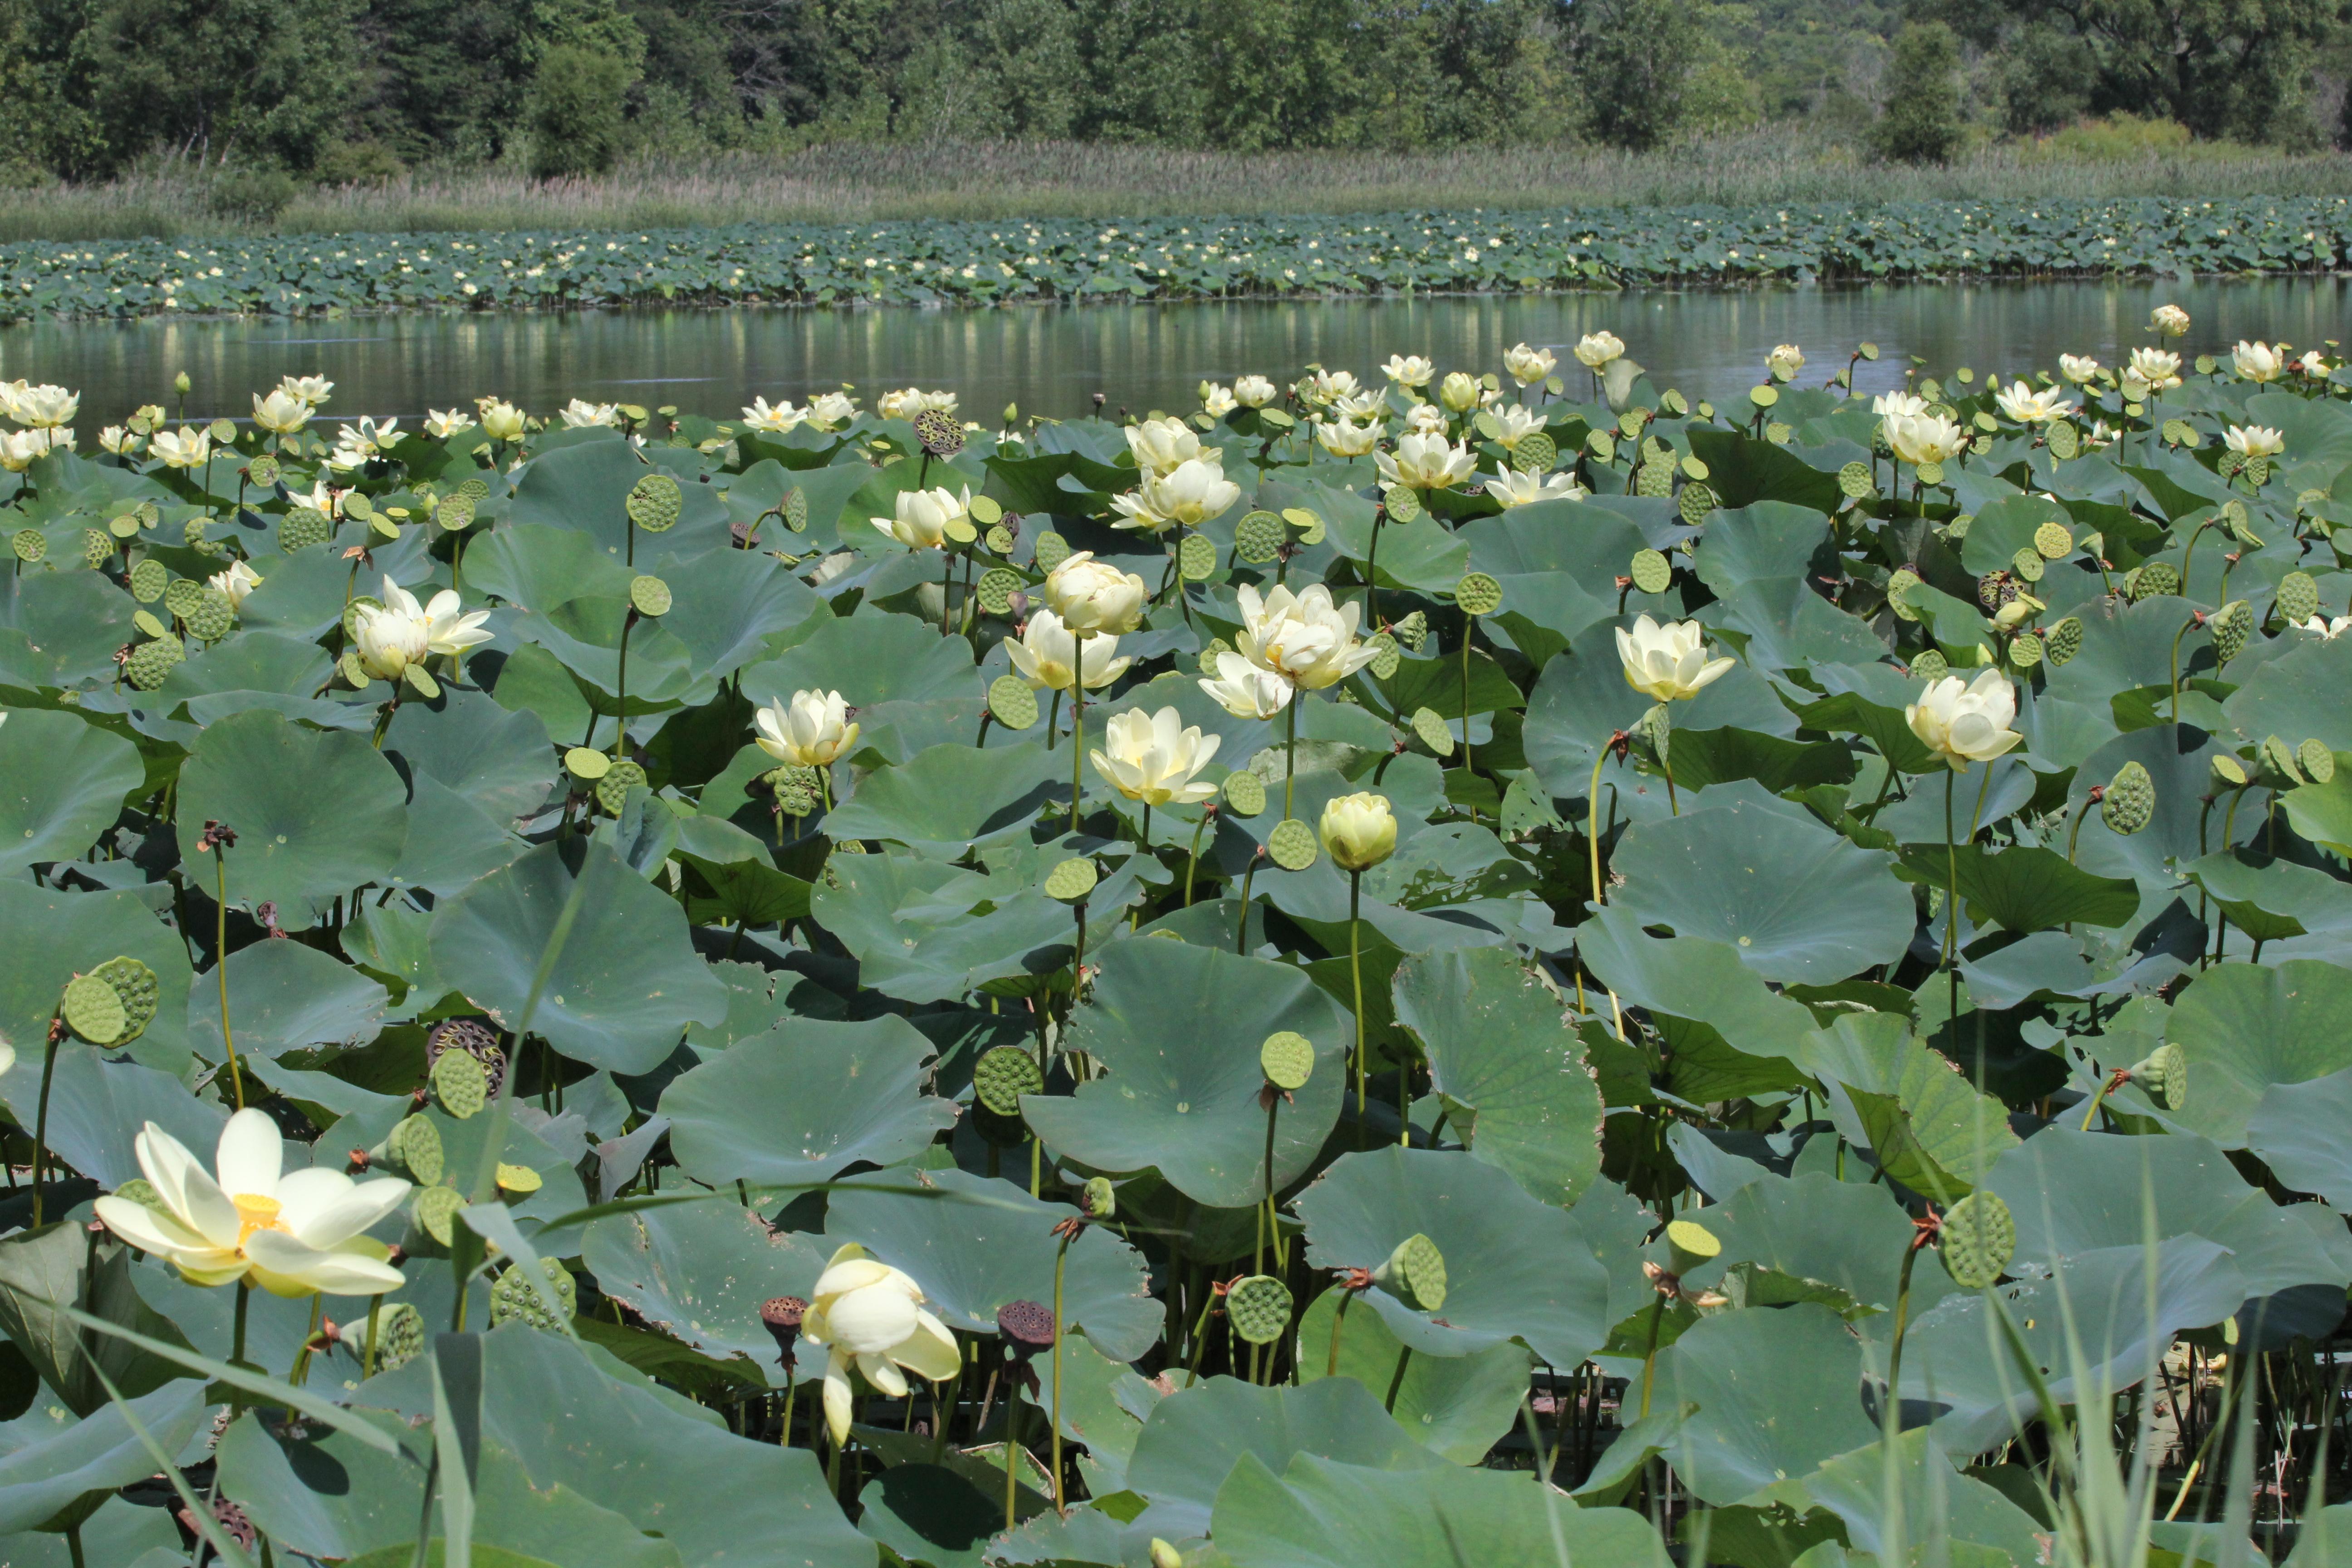 Lotus flowers in bloom at Meadowbrook v2